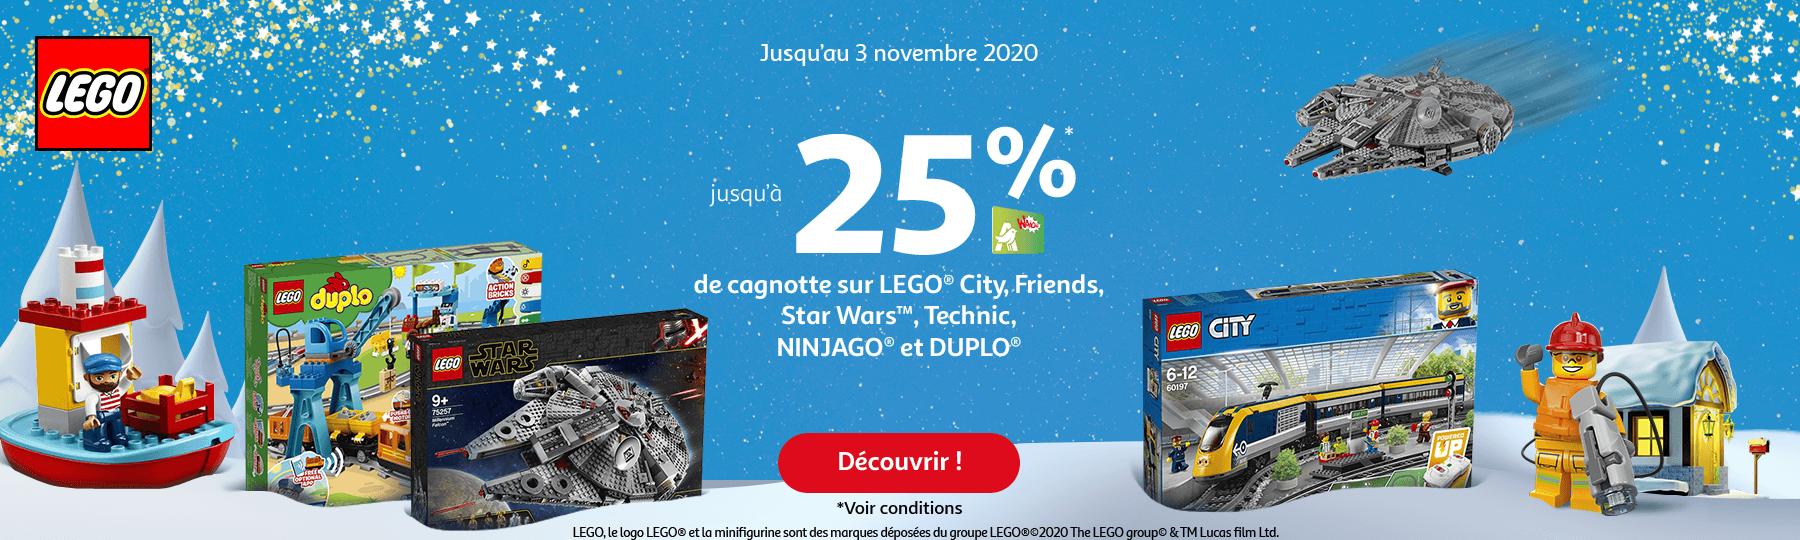 Jusqu'au 3 novembre 2020, jusqu'à 25% de cagnottes sur LEGO City, friends, Star Was, Technic, Ninjago et Duplo